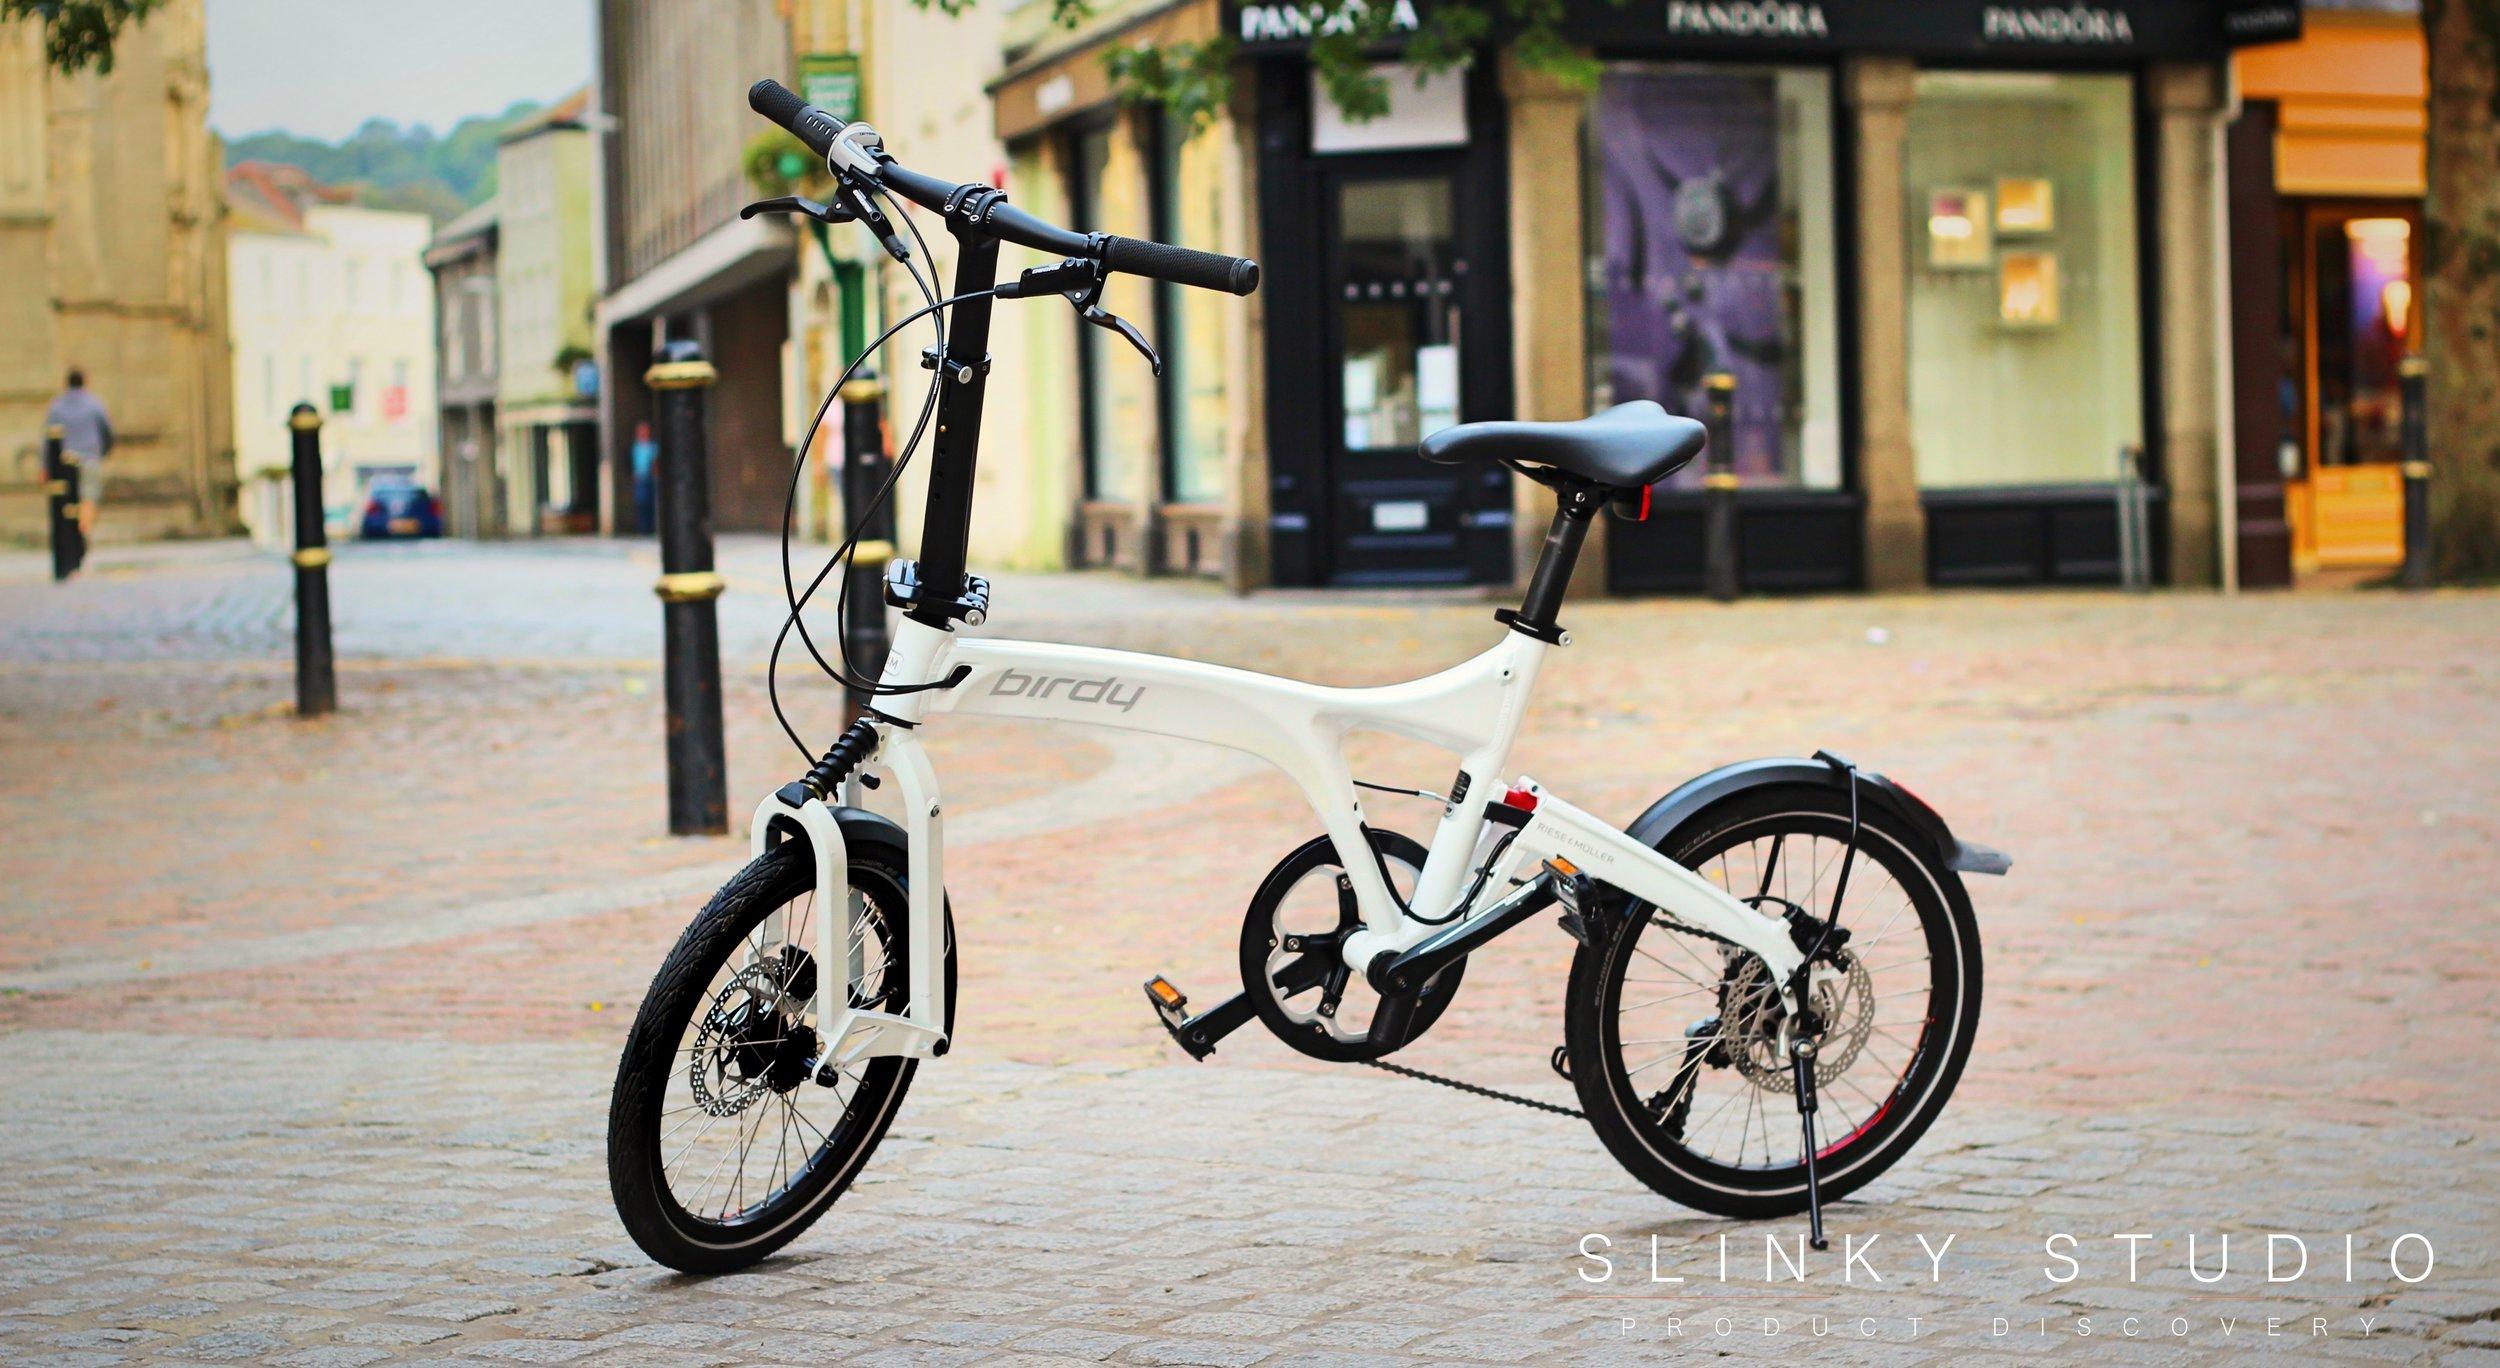 Birdy Speed Folding Bike Standing in middle of city.jpg